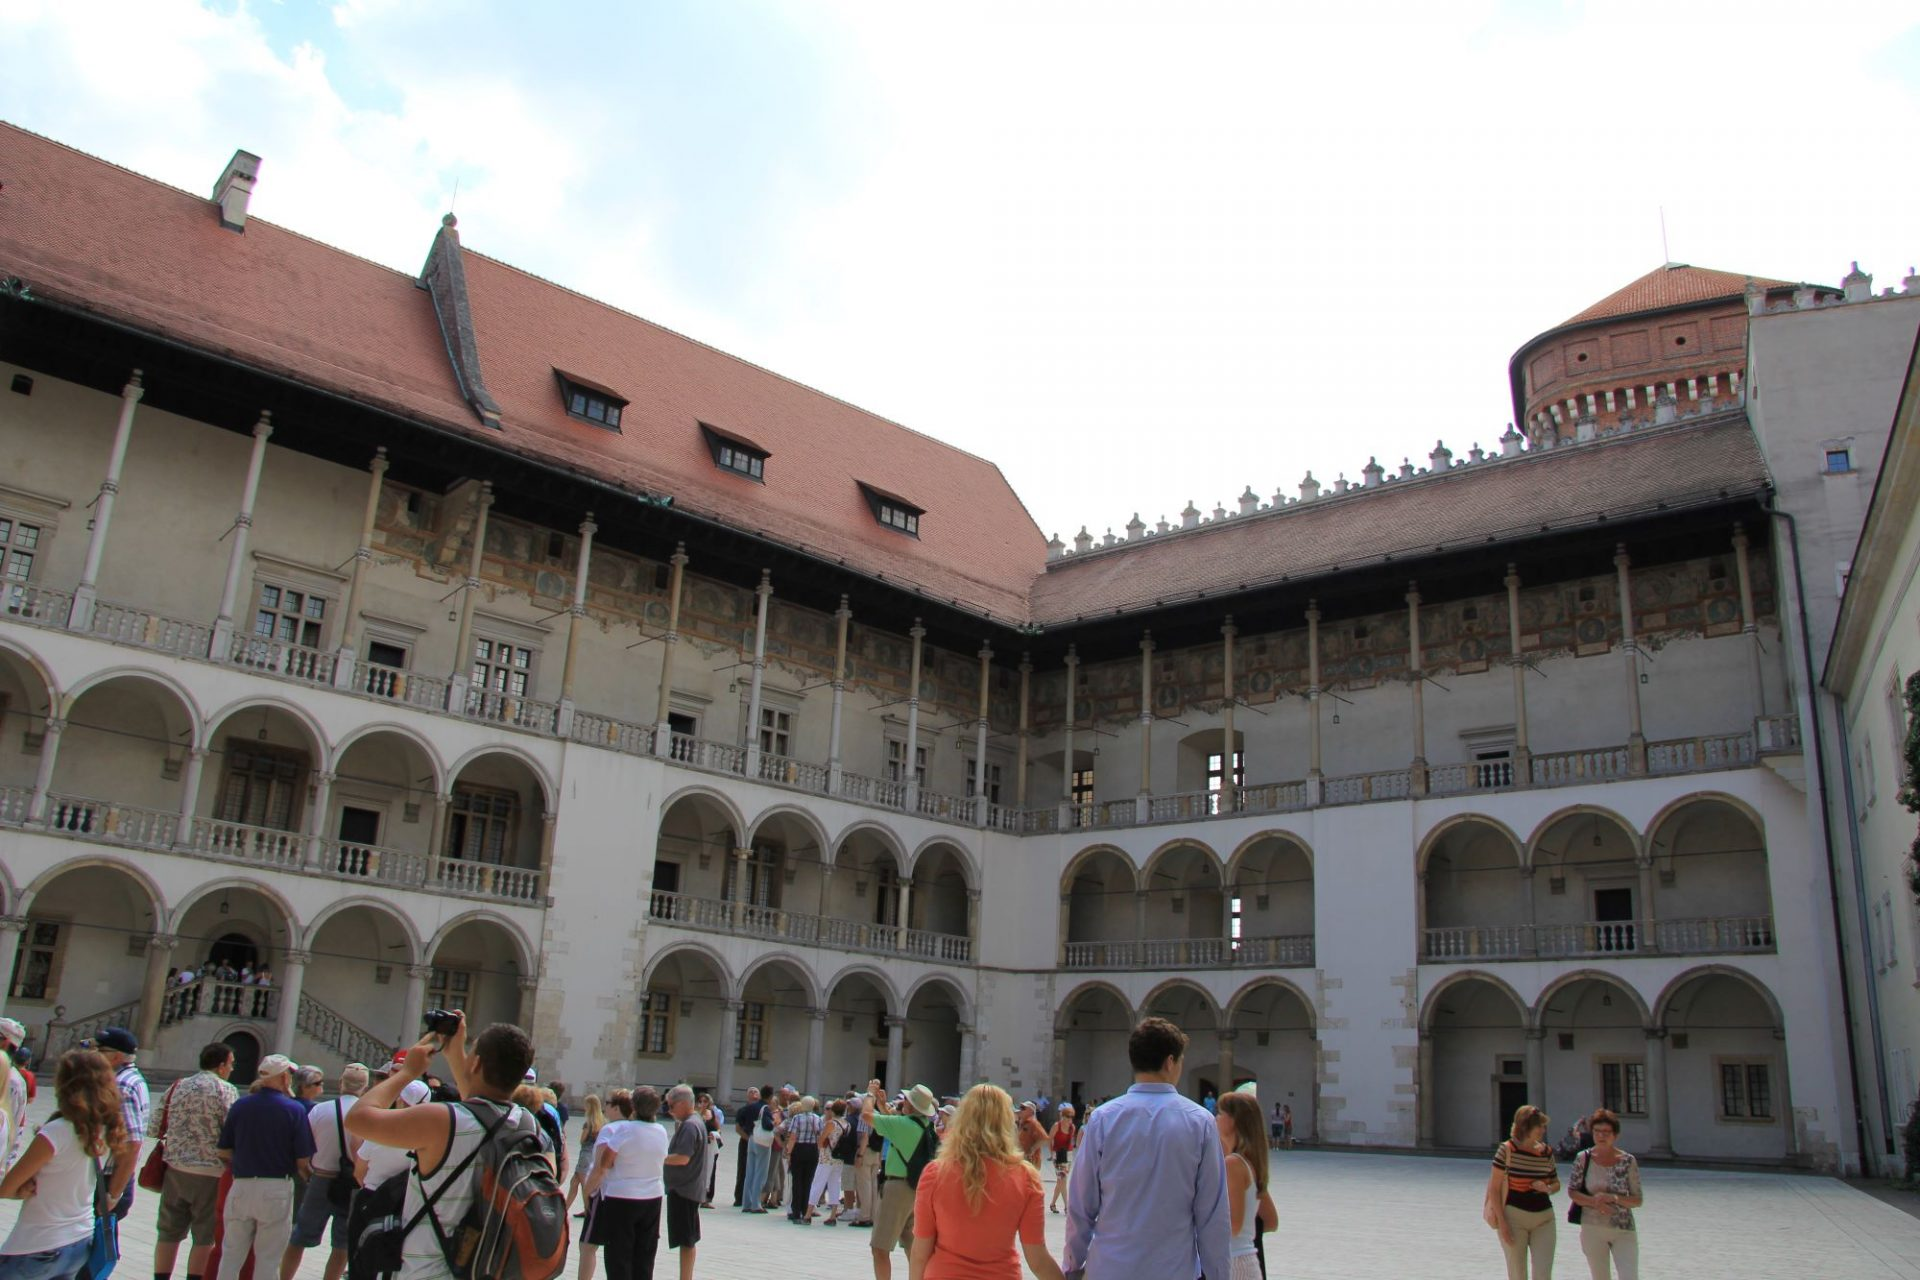 Вавельский замок, Краков, Польша. Июль, 2013